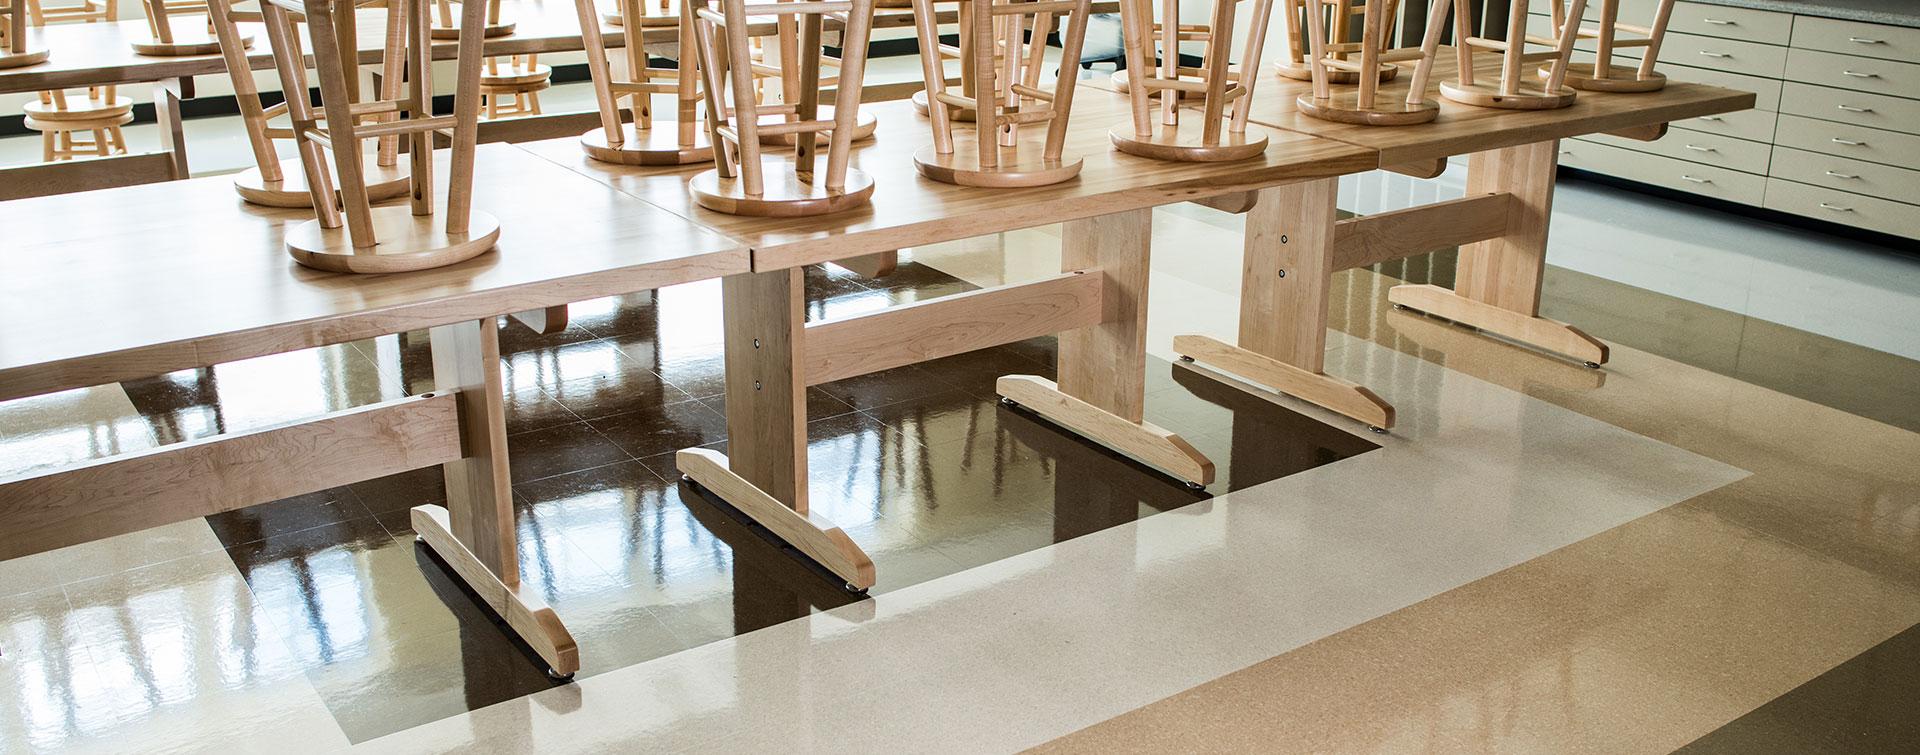 custom-commercial-flooring-pattern